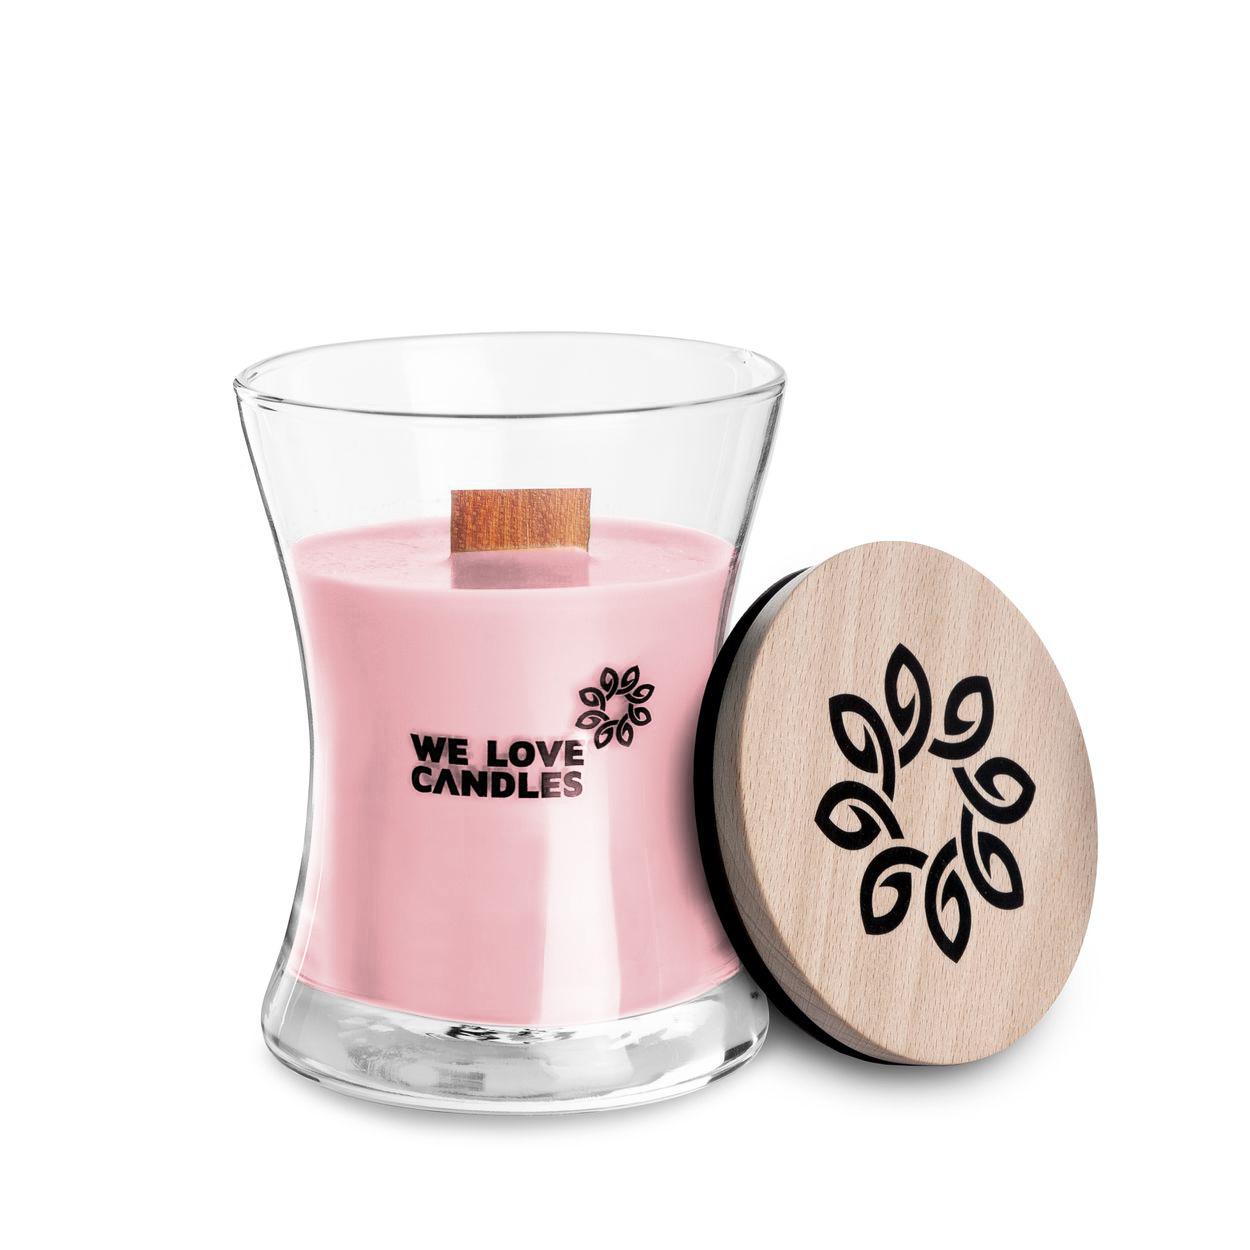 Kolekcja BASIC to sojowe świece zapachowe o soczystych kolorach i intensywnych, naturalnych zapachach inspirowanych codziennymi, prostymi przyjemnościami jakie niesie ze sobą życie. Świece z tej kolekcji zamknięte są w designerskie szklane pojemniki (zaprojektowane dla marki przez artystę-rzemieślnika) wytwarzane w polskiej hucie szkła. Pokrywkę stanowi drewniane wieczko, a całość dopełnia przyjemnie skwierczący w trakcie palenia drewniany knot. Dzięki prostej, ale ciekawej formie świece te stanowią niebanalny dodatek do domu, który szczególnie przypada do gustu fankom i fanom minimalizmu i życia w rytmie slow. Basket of tulips Świeca Basket of tulips to zapach bukietu tulipanów, który możesz roztoczyć w swoim domu o dowolnej porze roku. Zatem jeśli tęsknisz za wiosną koniecznie sięgnij po nasz kosz pełen tulipanów - szybko zabierze Twoje zmysły do wiosennych dni. Dodatkowym atutem palenia świecy jest to, że jej zapach utrzymuje się zdecydowanie dłużej, niż zapach świeżych kwiatów. Świ